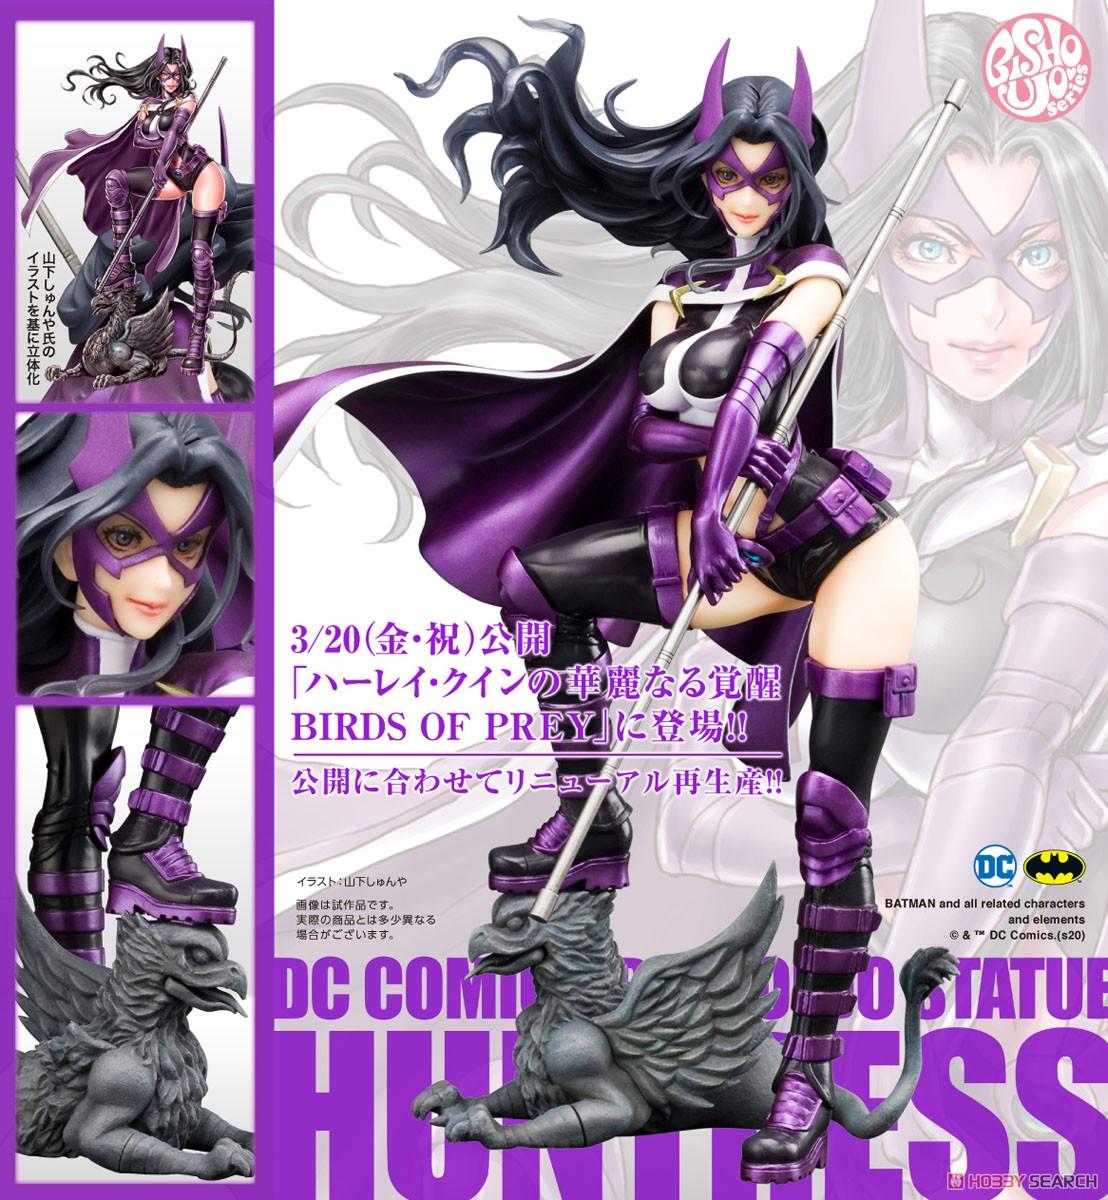 【再販】DC COMICS美少女『ハントレス 2nd Edition』DC UNIVERSE 1/7 完成品フィギュア-012